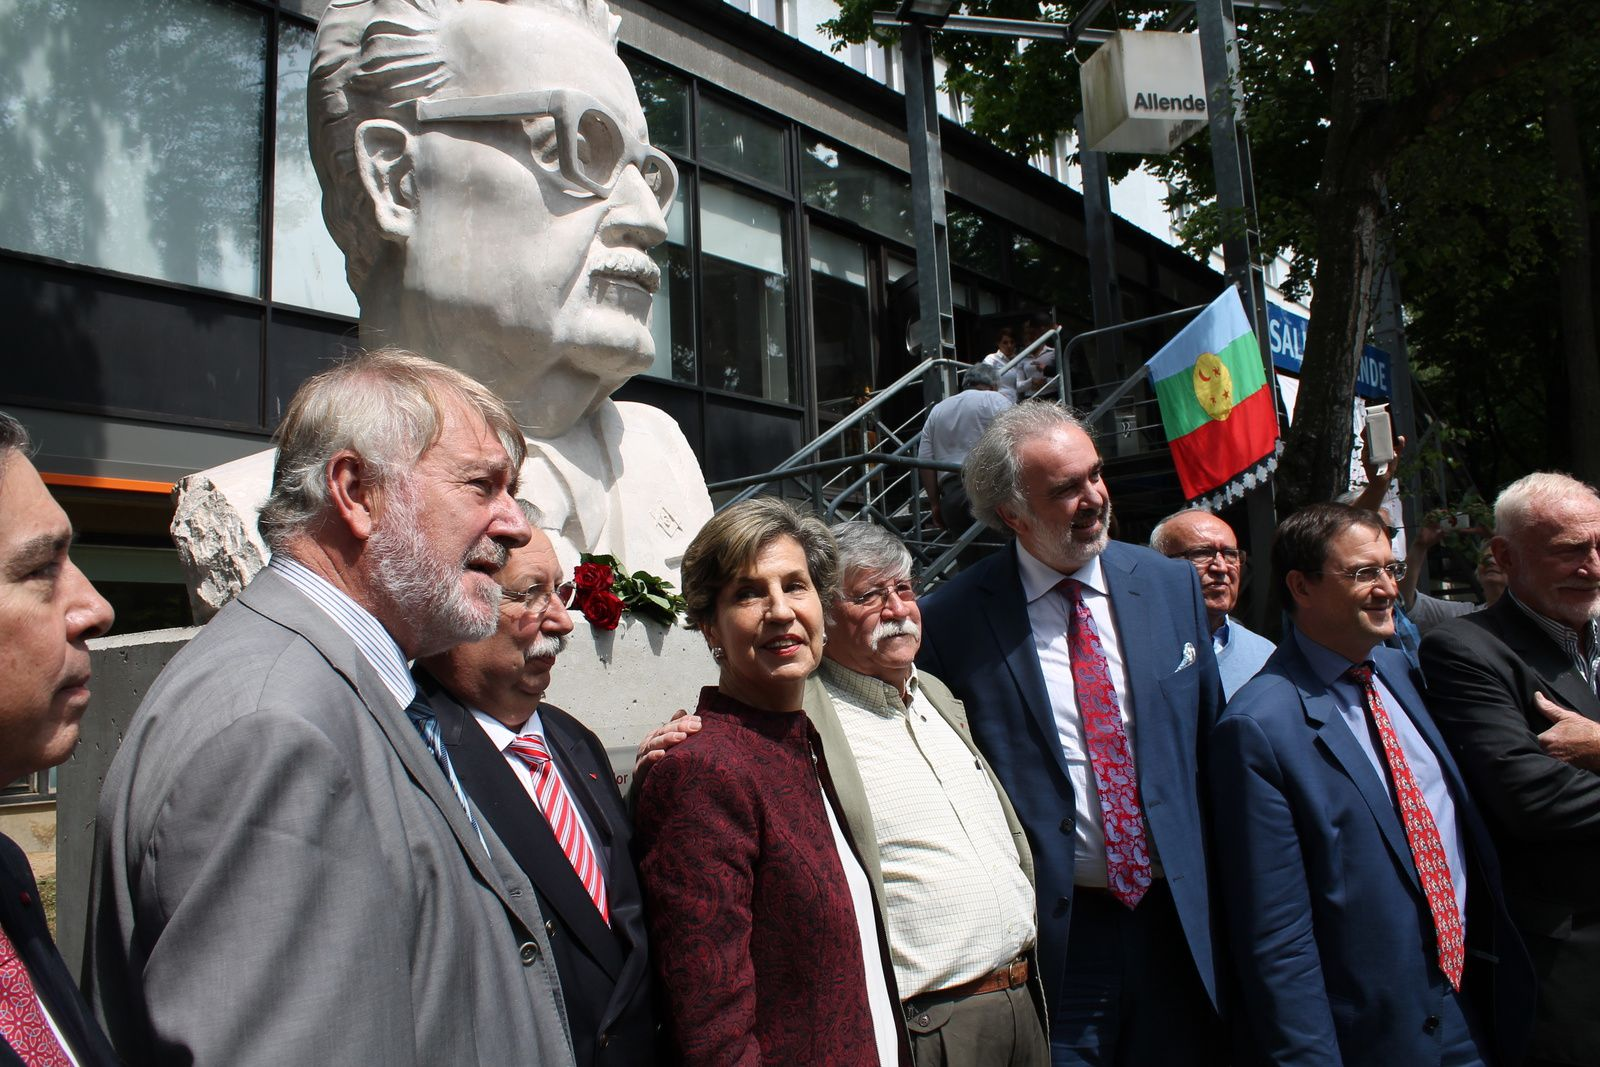 Le buste de Salvador Allende inauguré par Madame Isabel Allende. De gauche à droite : l'ambassadeur du Chili, Pierre Galand, André Flahaut, Président de la Chambre des représentants de Belgique, Isabel Allende, Sergio Rojas Fernandez, le Recteur Didier Viviers, le Président de l'ULB Alain Delchambre, Josy Dubié